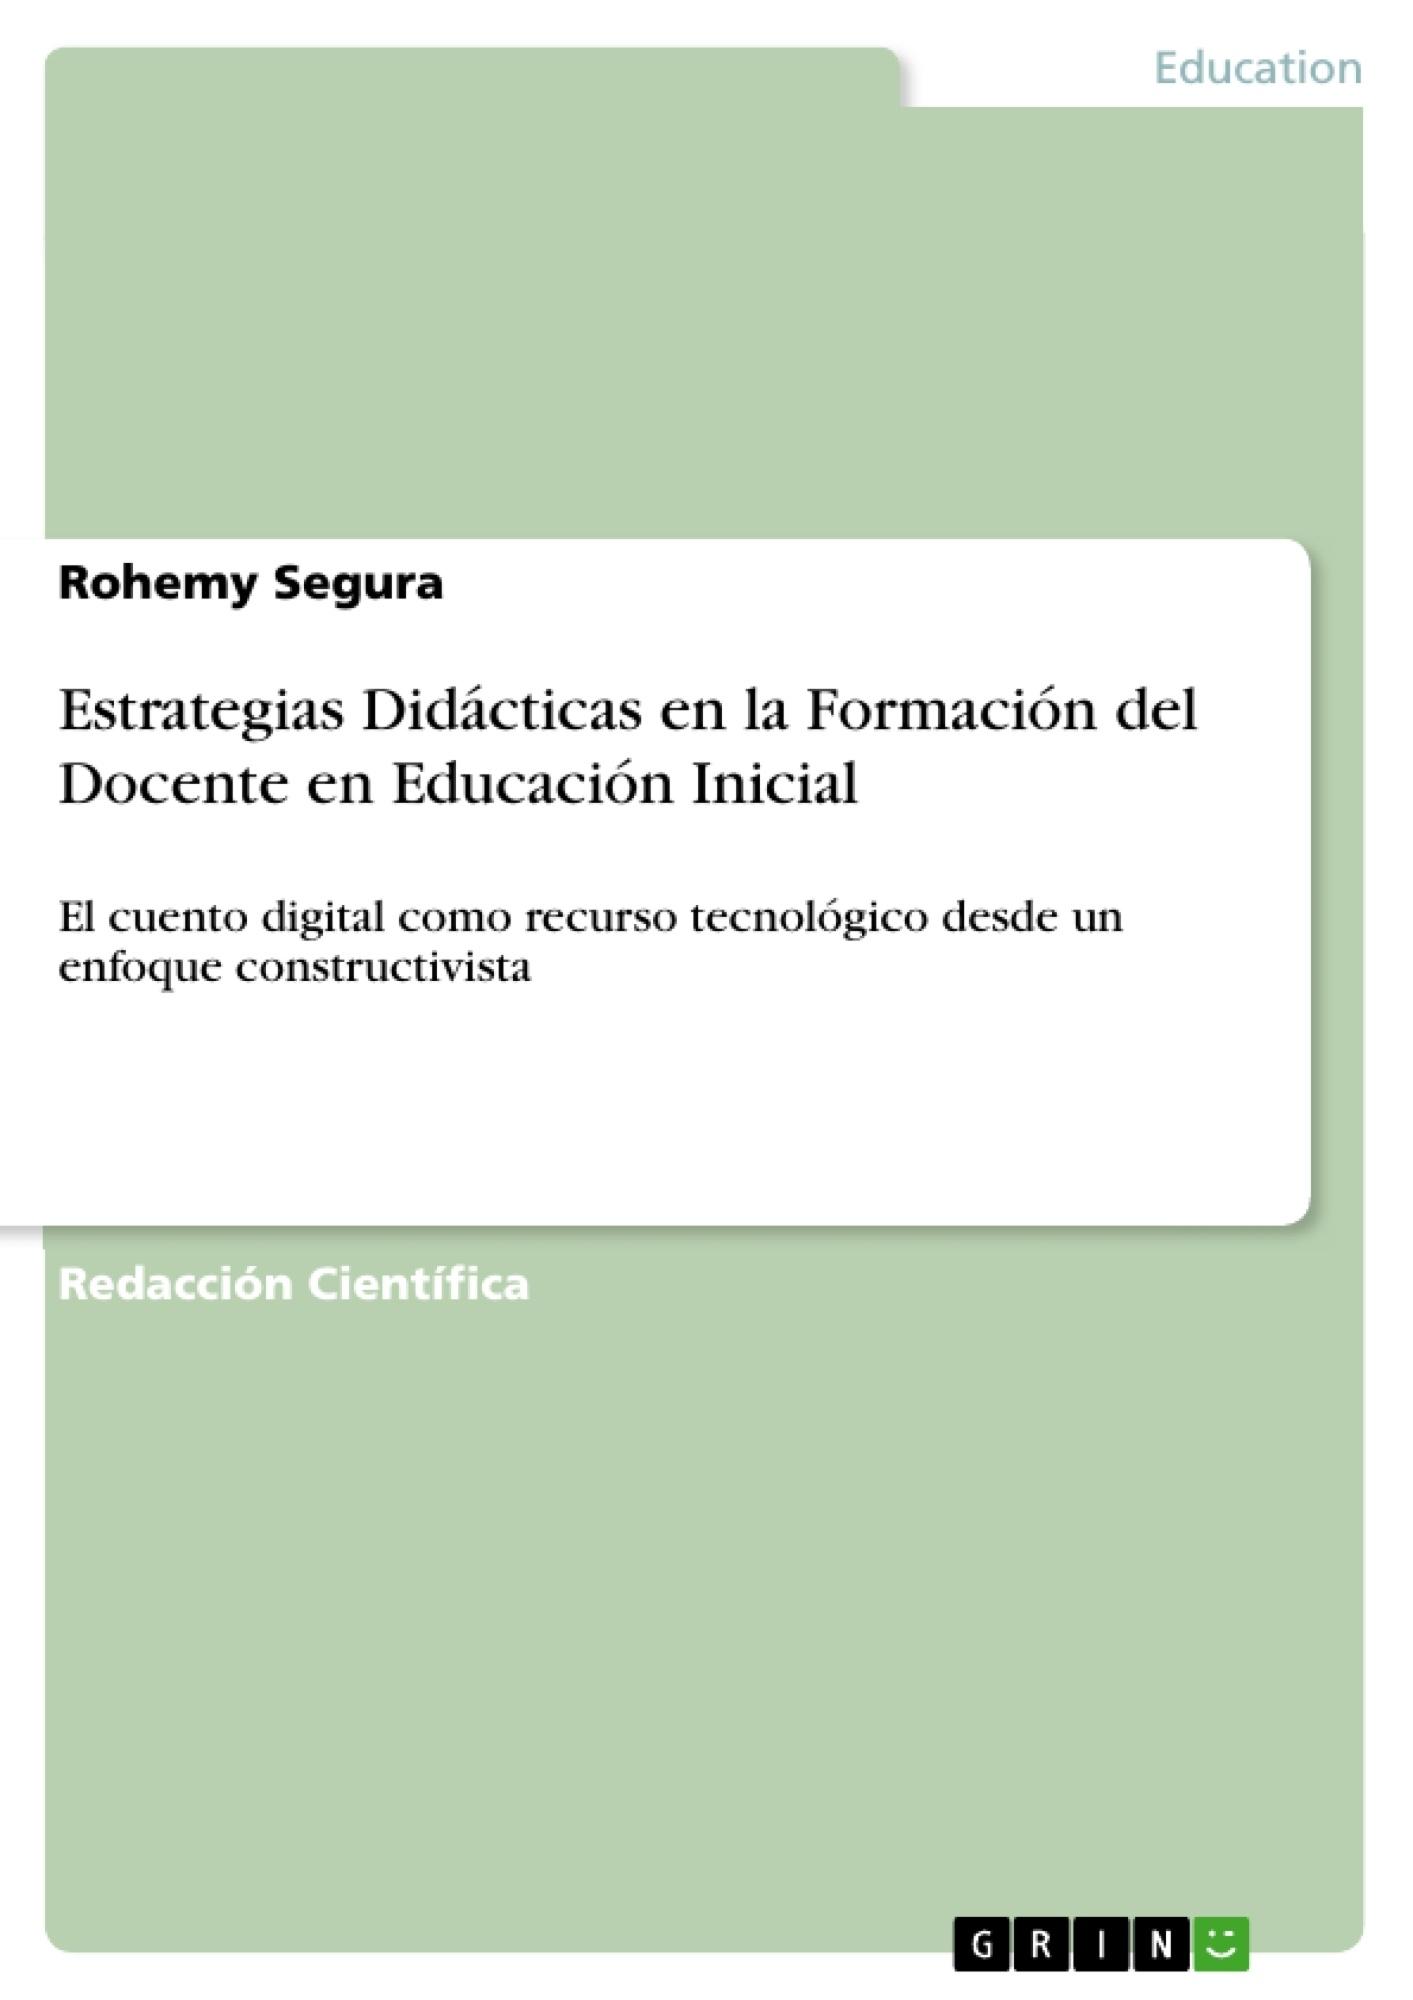 Título: Estrategias Didácticas en la Formación del Docente en Educación Inicial